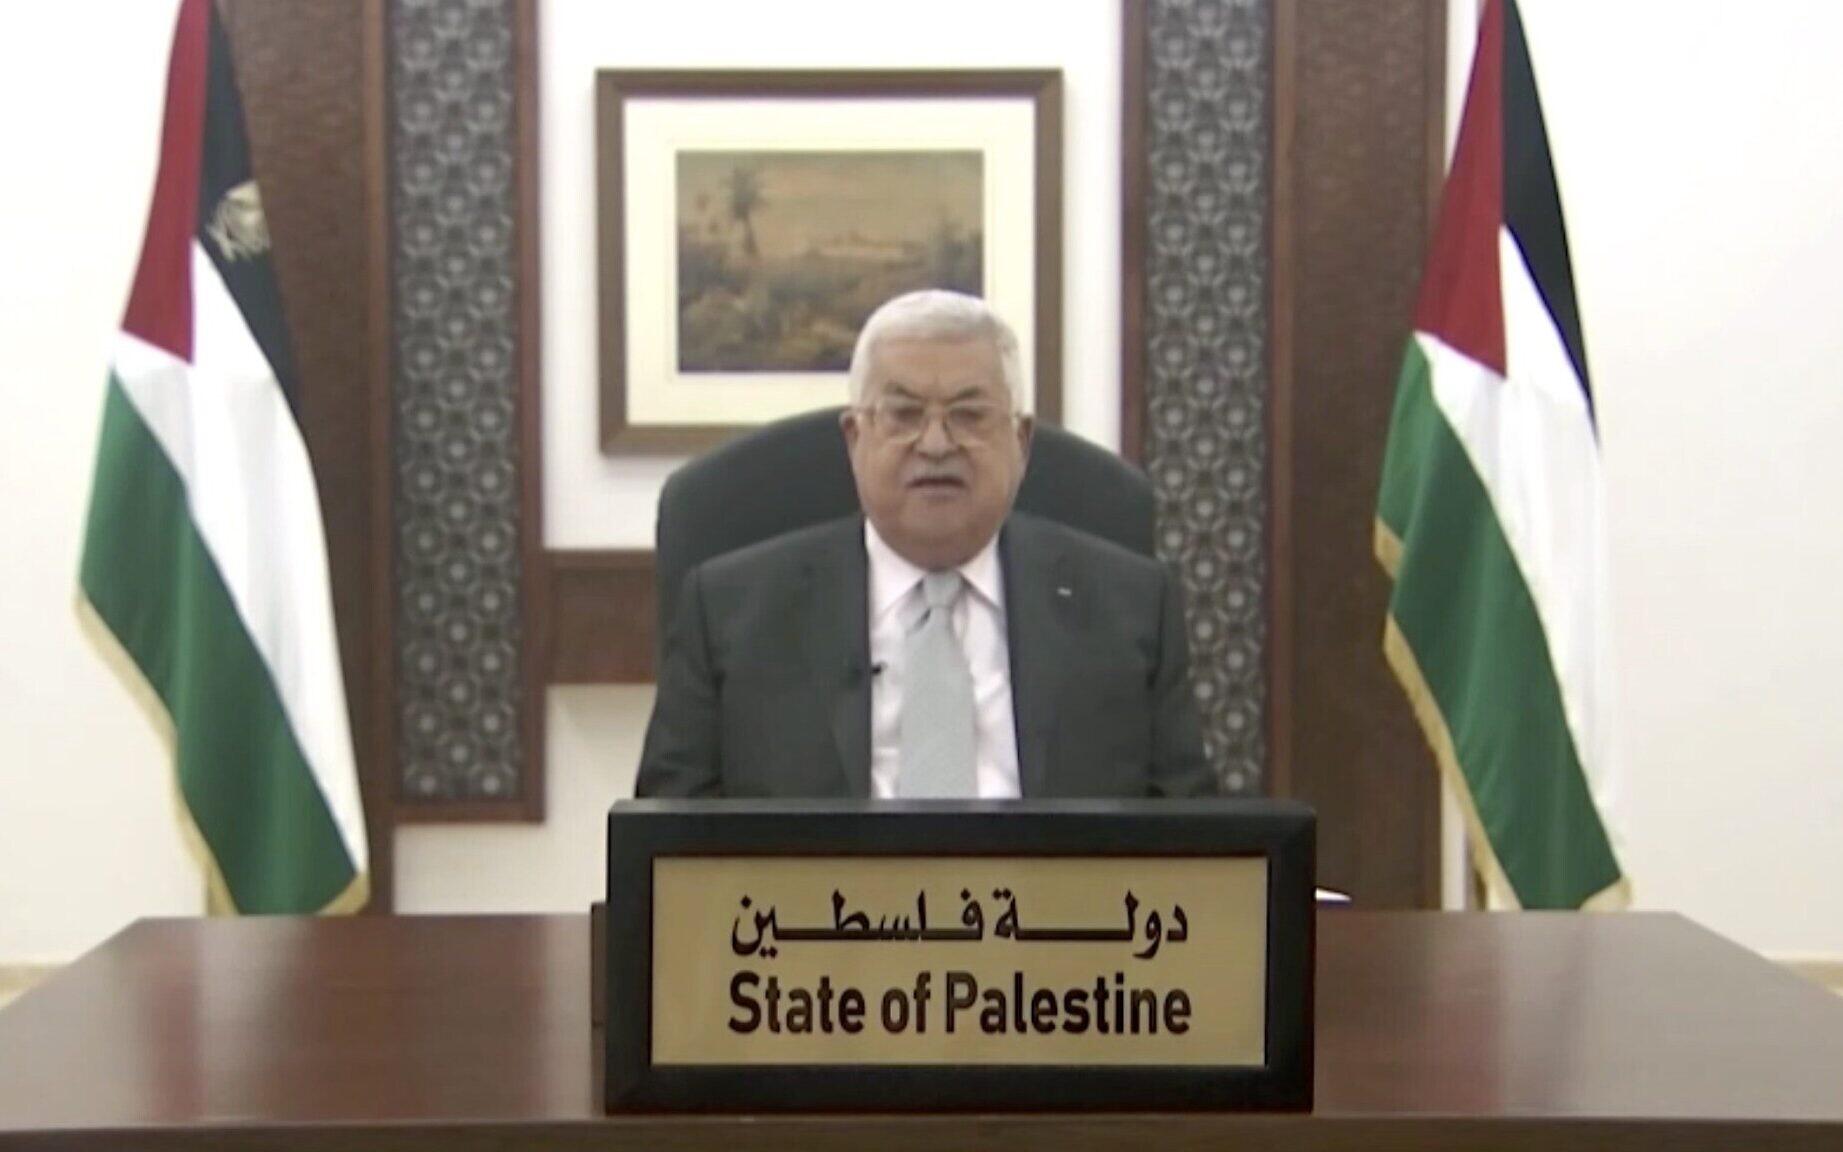 Mahmoud Abbas demande à l'ONU un sommet international pour la paix | The Times of Israël